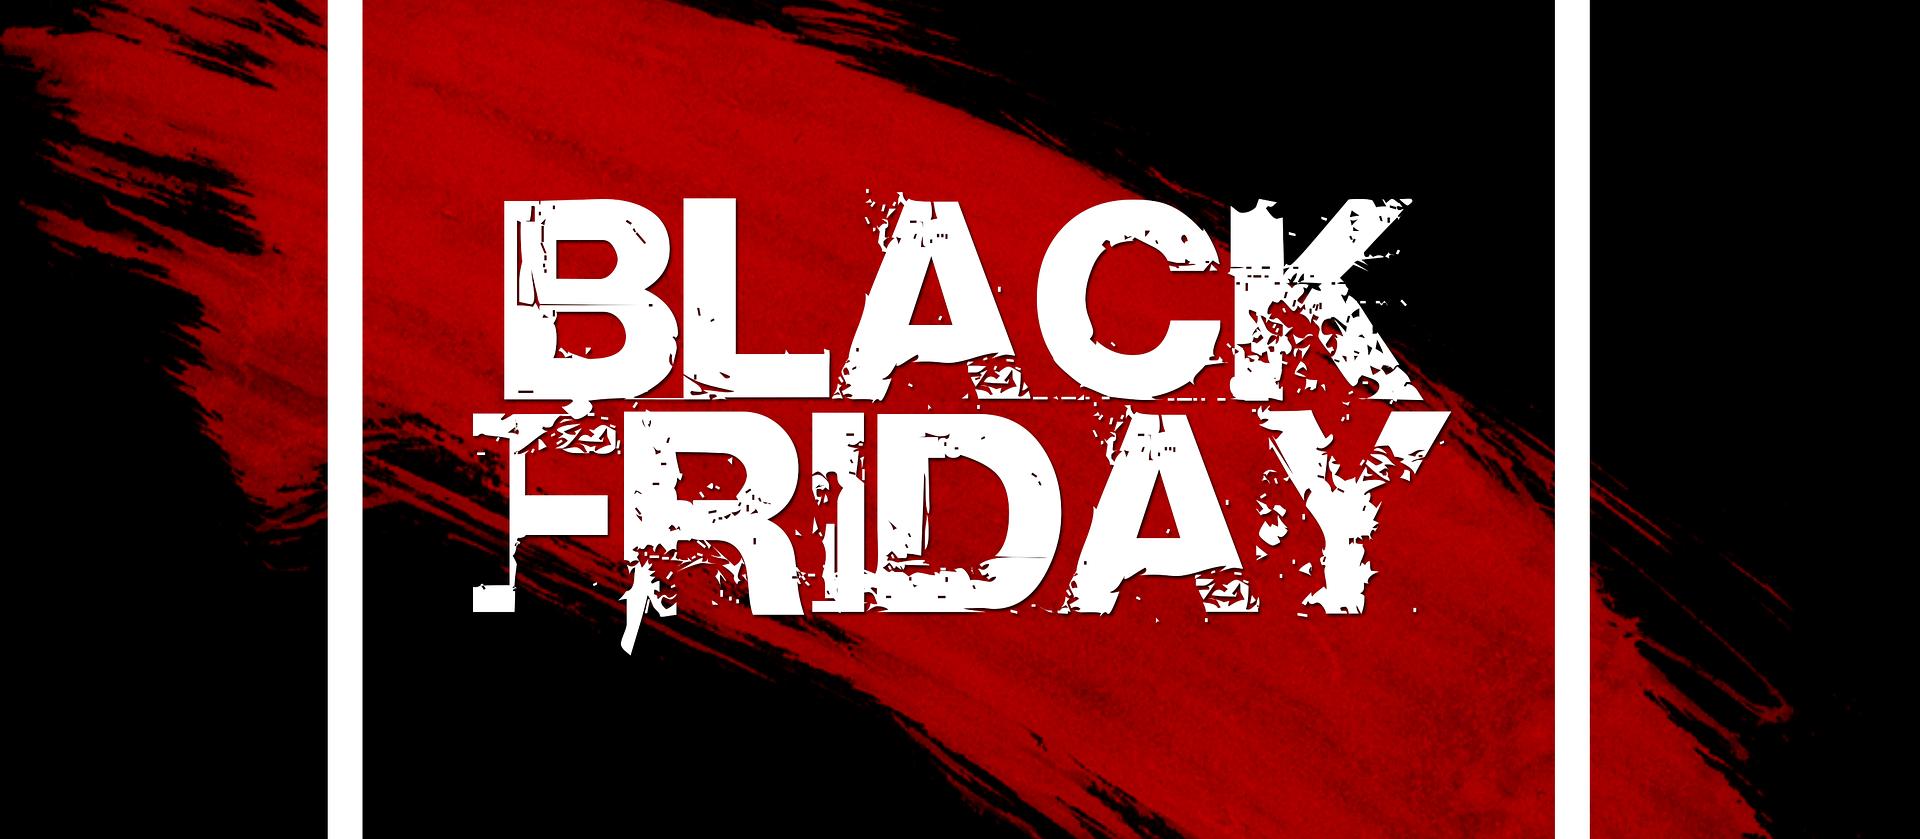 O que as pessoas vão comprar nessa Black Friday? Pesquisa revela